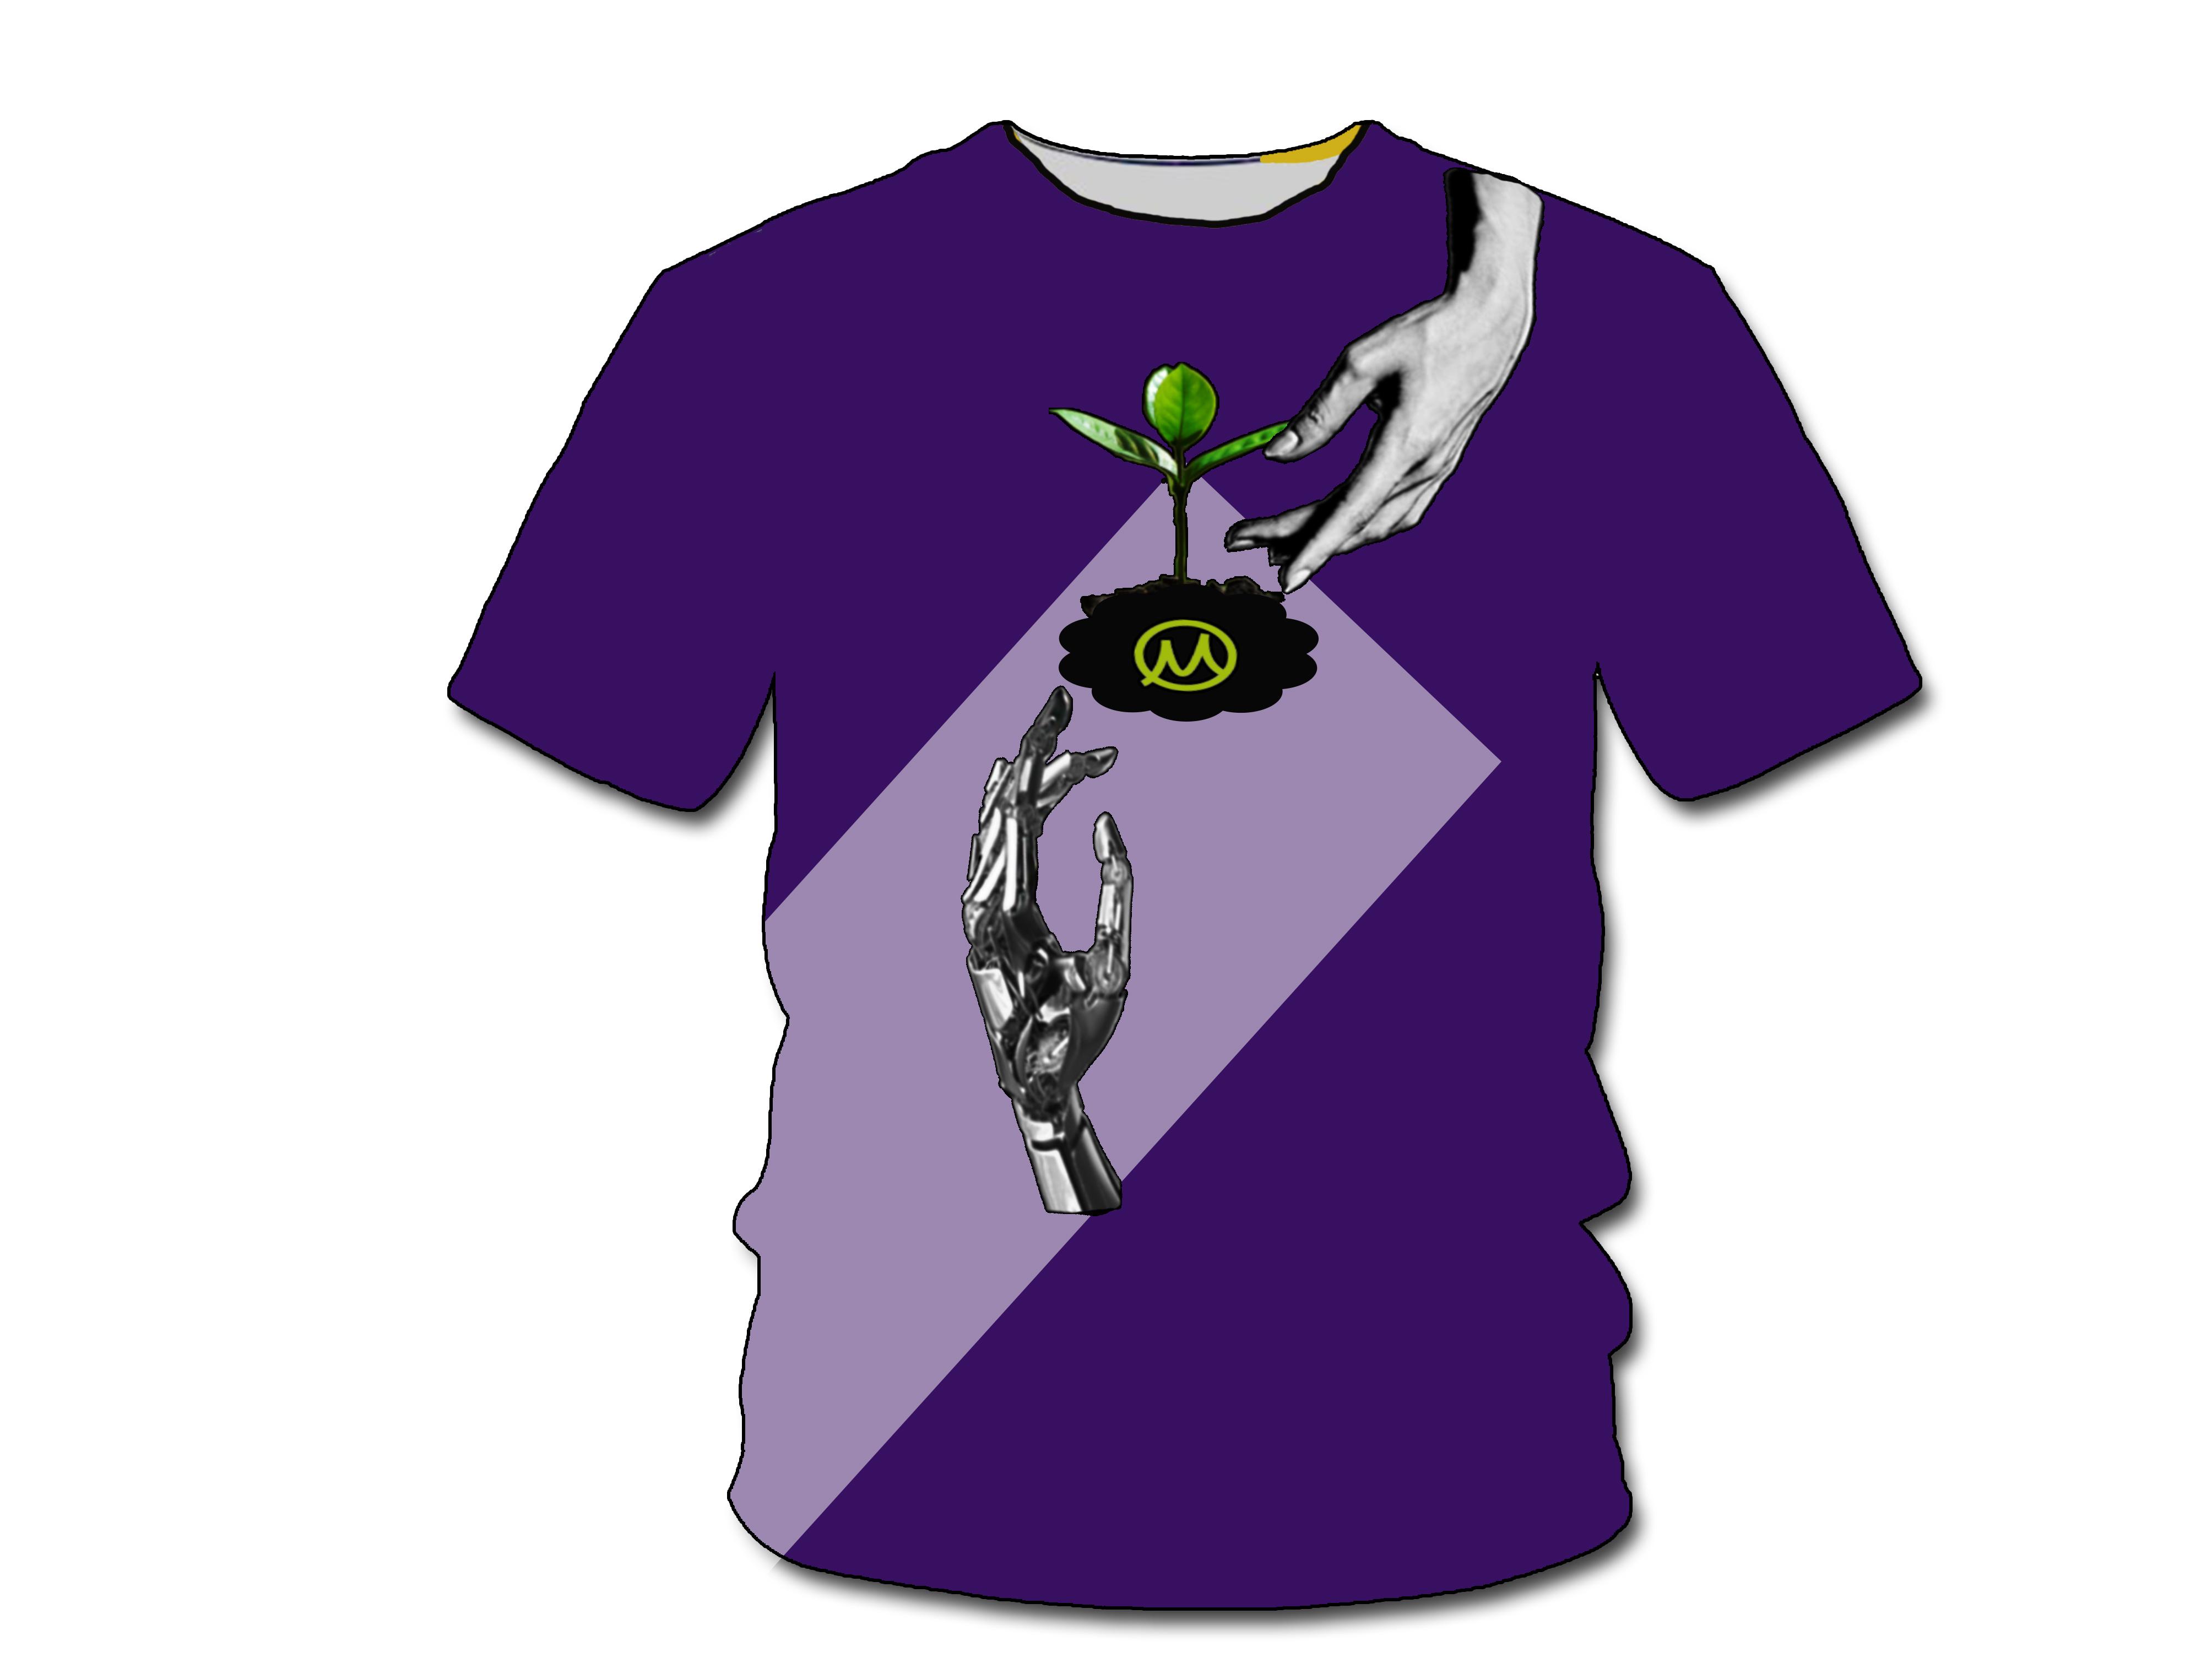 Нарисовать принты на футболки для компании Моторика фото f_71560a539502ad40.jpg